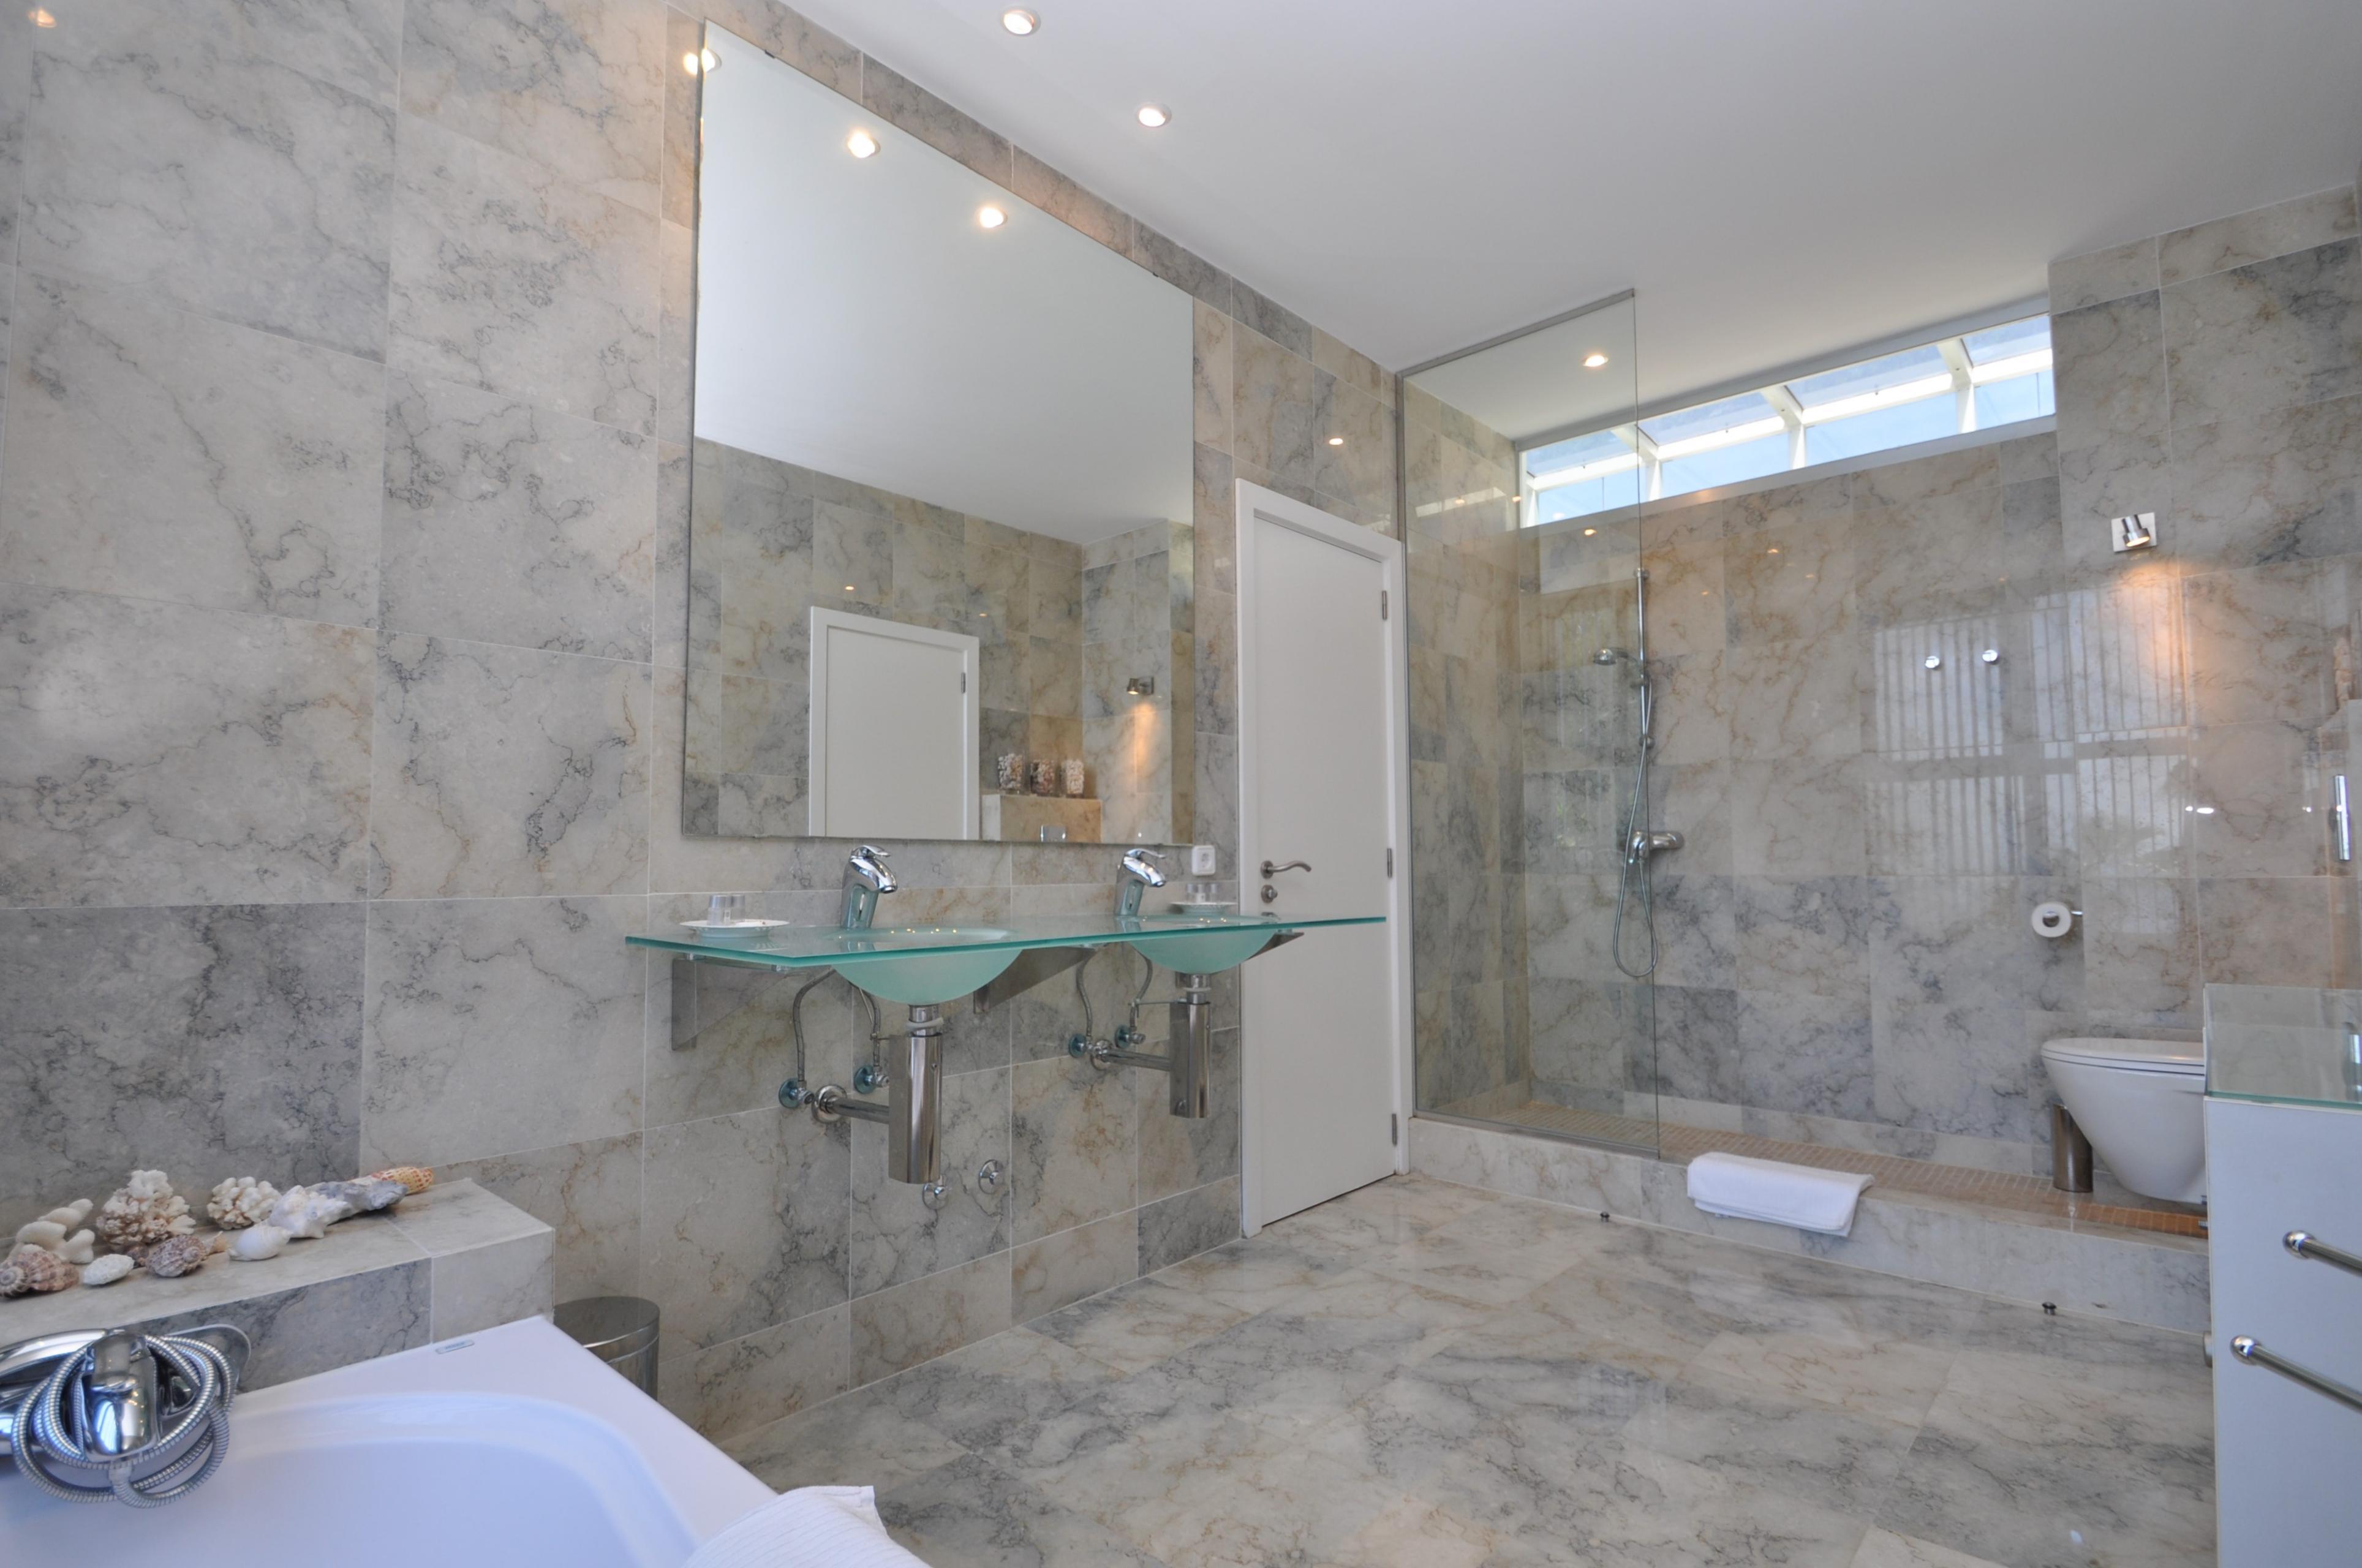 Maison de vacances VILLA BAY BLUE- Bahia Azul- Mallorca - VILLAONLINE - Kostenloses WLAN (2684052), Bahia Azul, Majorque, Iles Baléares, Espagne, image 43